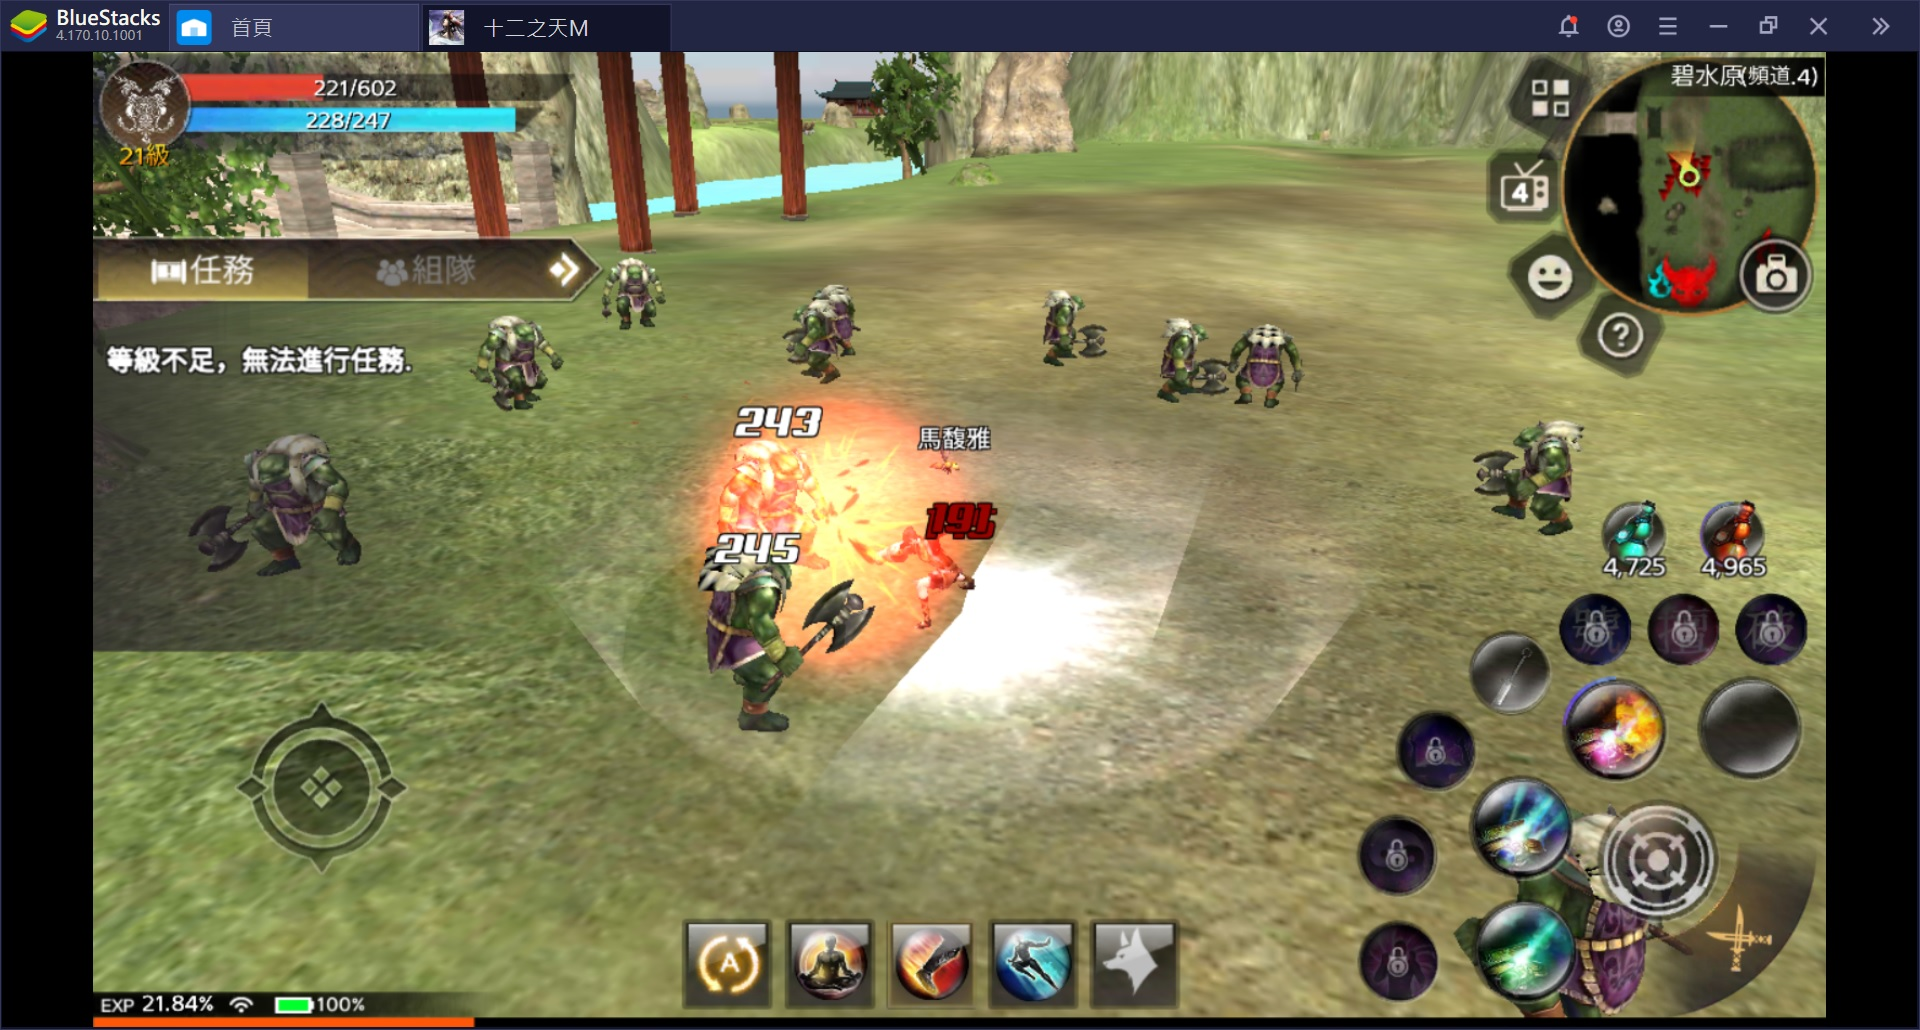 使用BlueStacks在電腦上體驗武俠遊戲《十二之天 M》